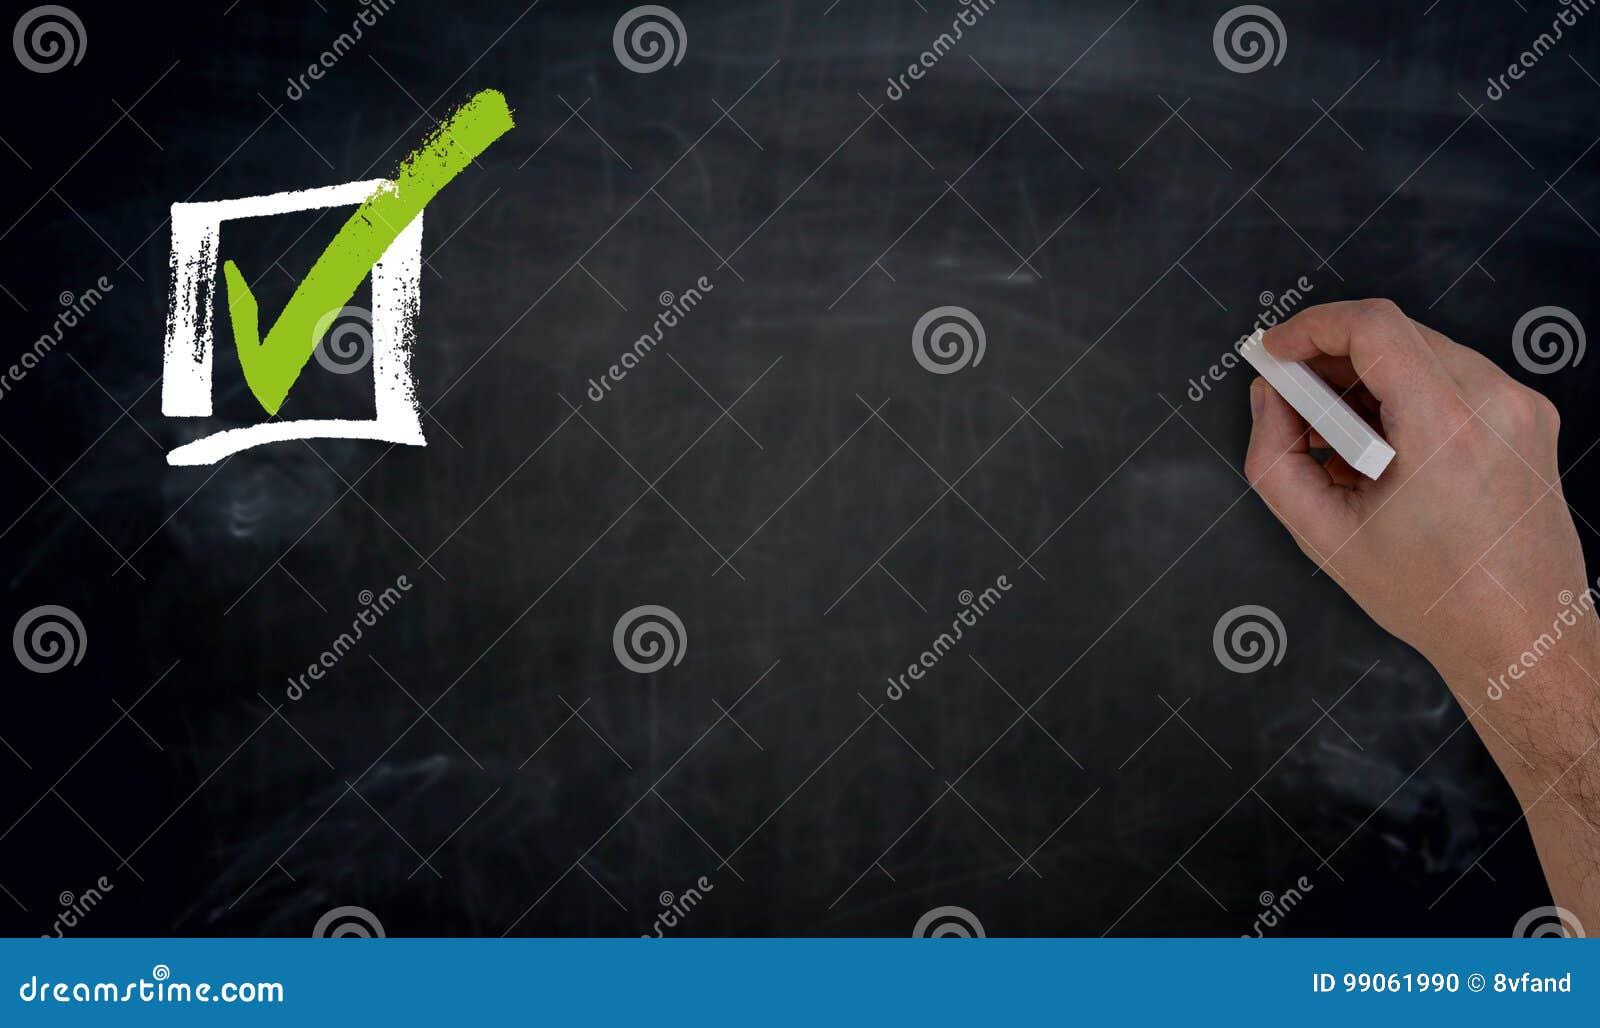 Kontrollista med handstil för kopieringsutrymmehand på svart tavla